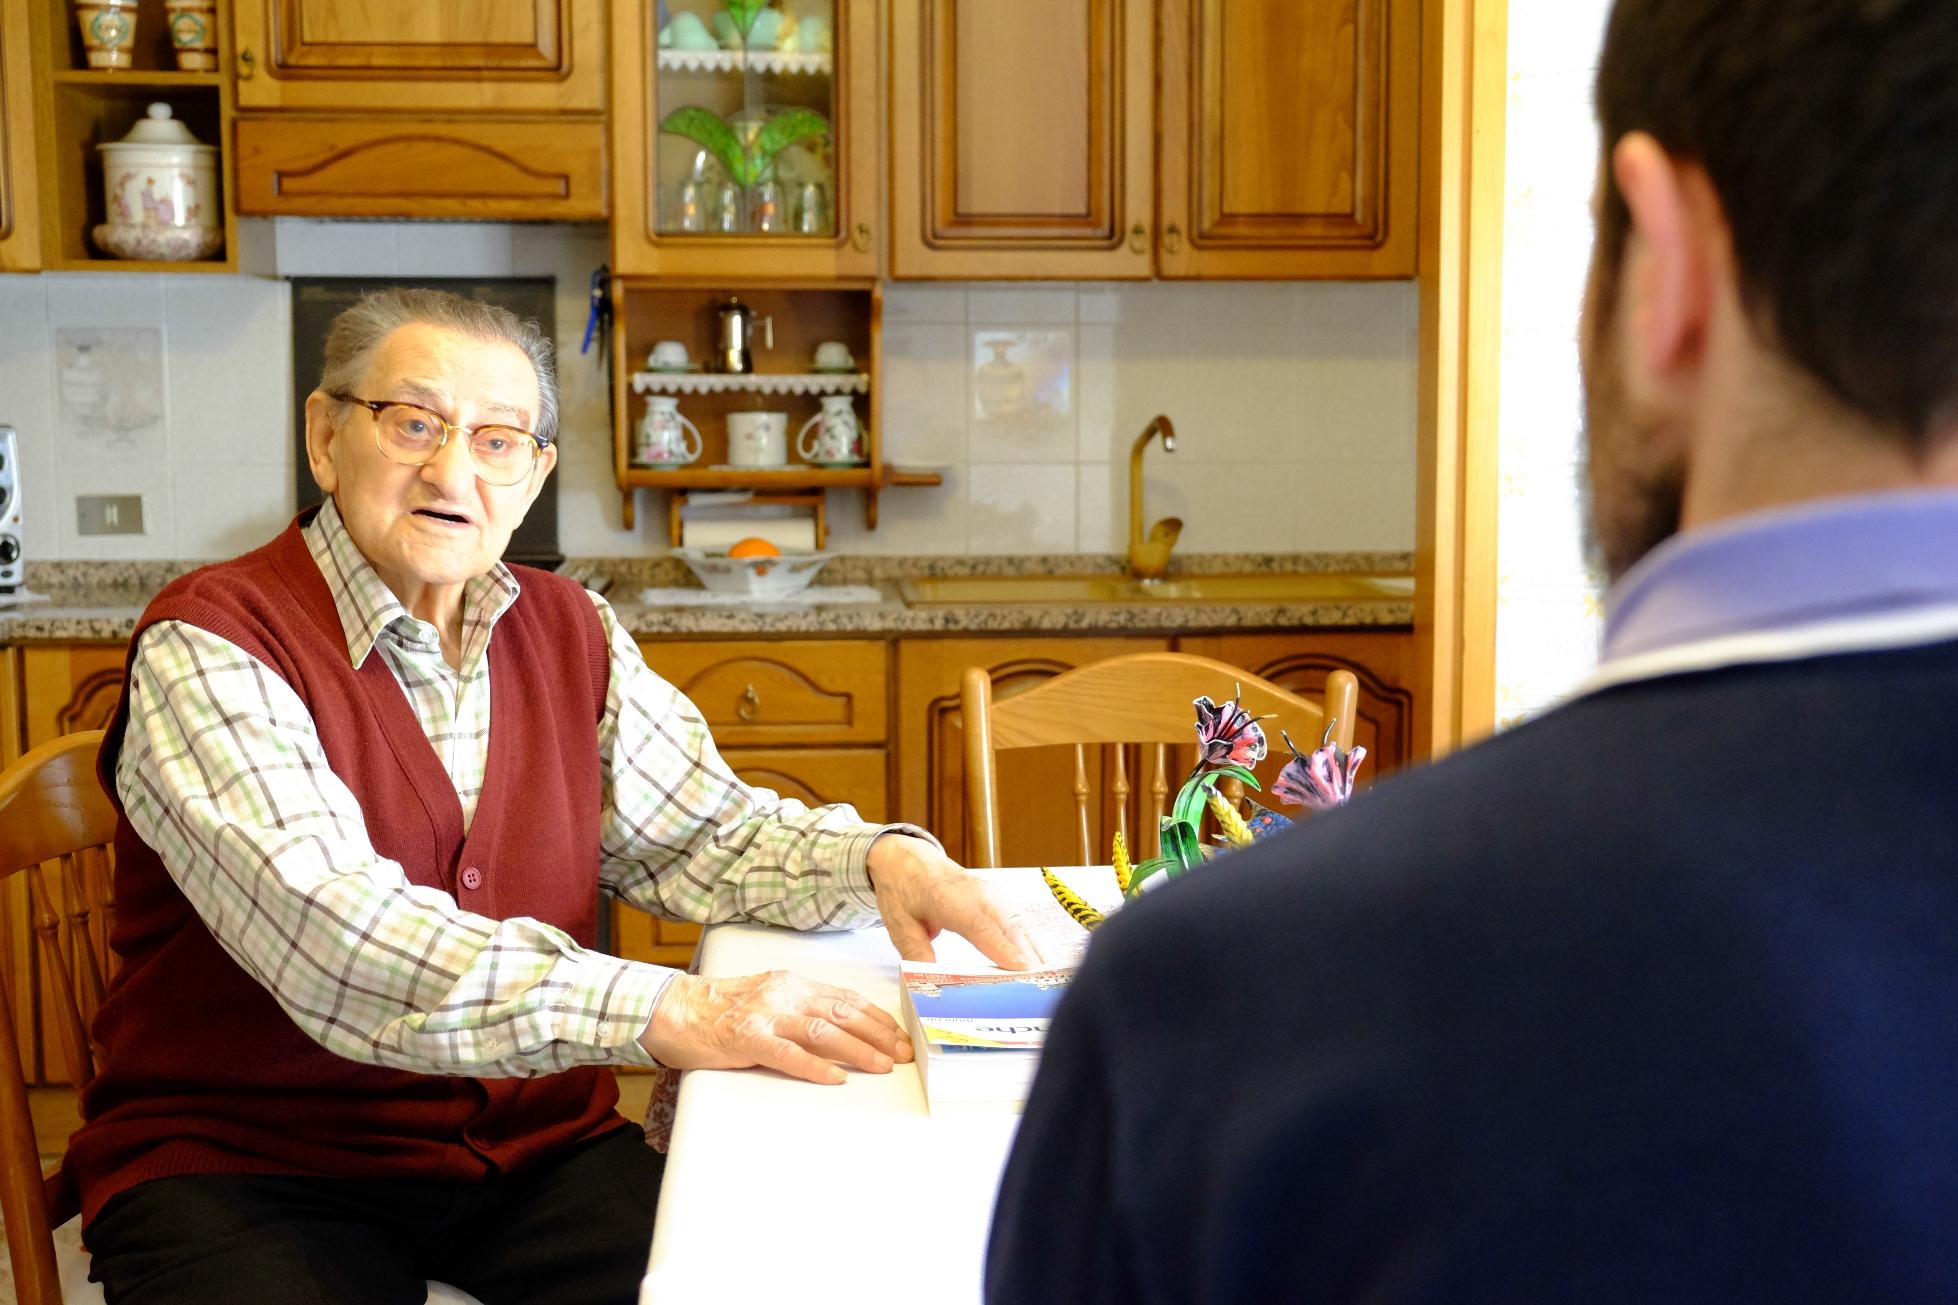 Un momento dell'intervista a Iorio Barbieri, inserita nel film-documentario Sentieri di democrazia